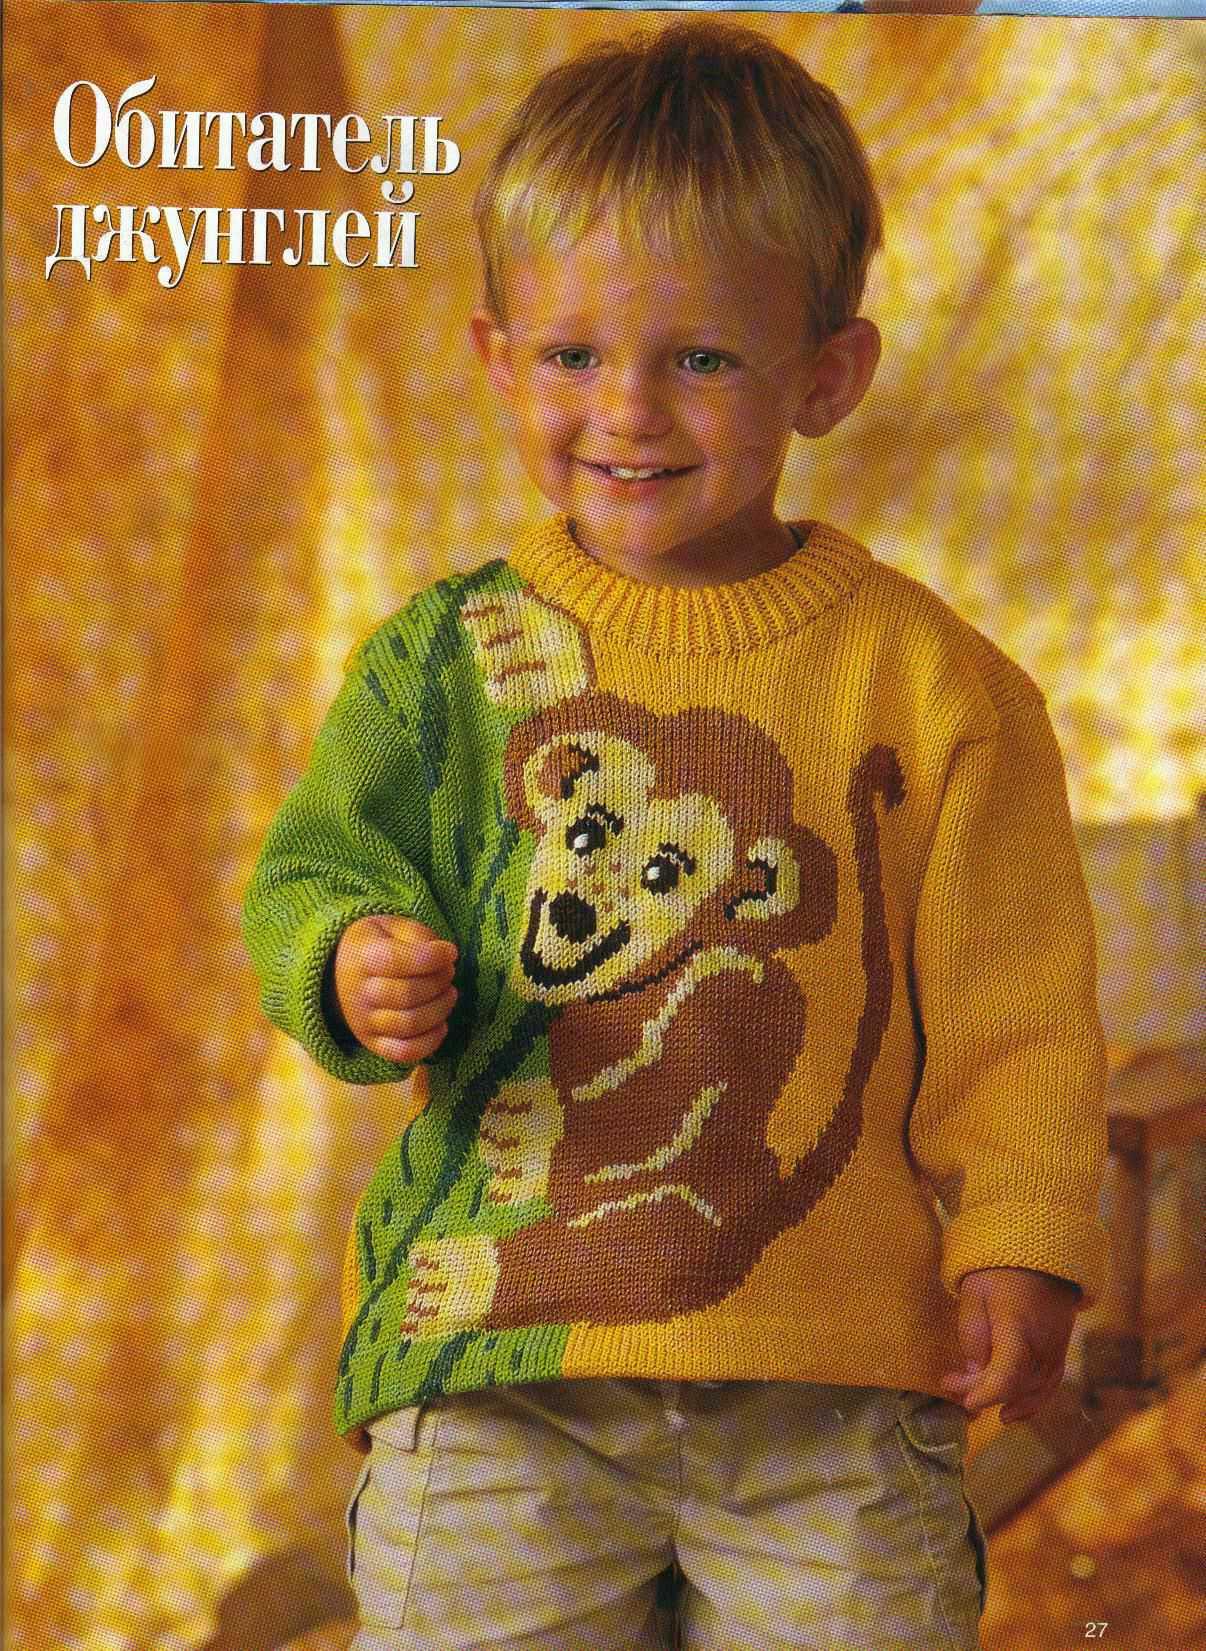 Вязание спицами для детей самое интересное